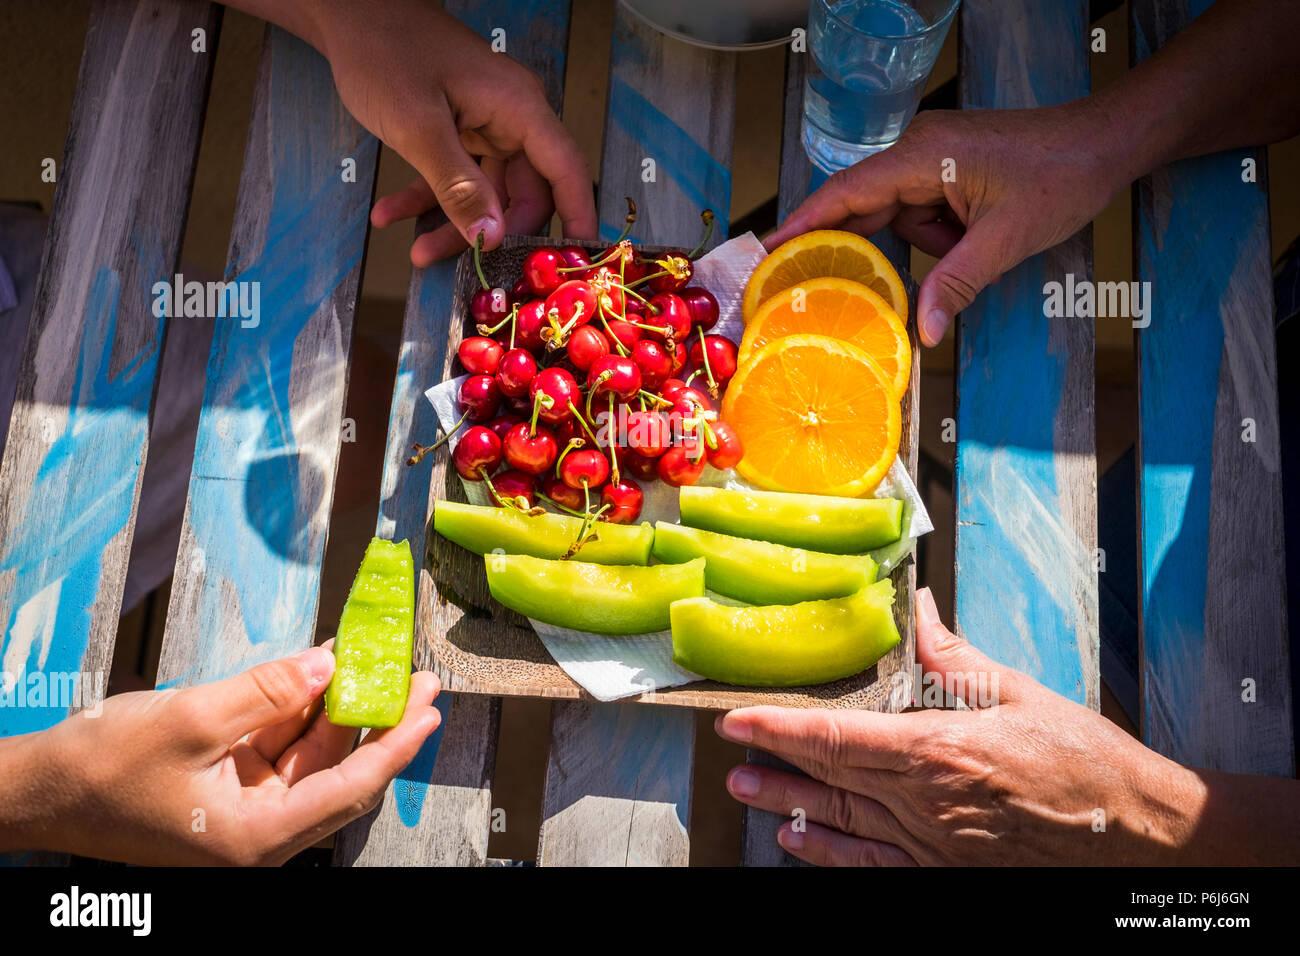 Libre de jeunes et vieux mains de grand-mère et ado neveu de manger des fruits frais de saison sur la table en bois. healhty en famille à vie Photo Stock